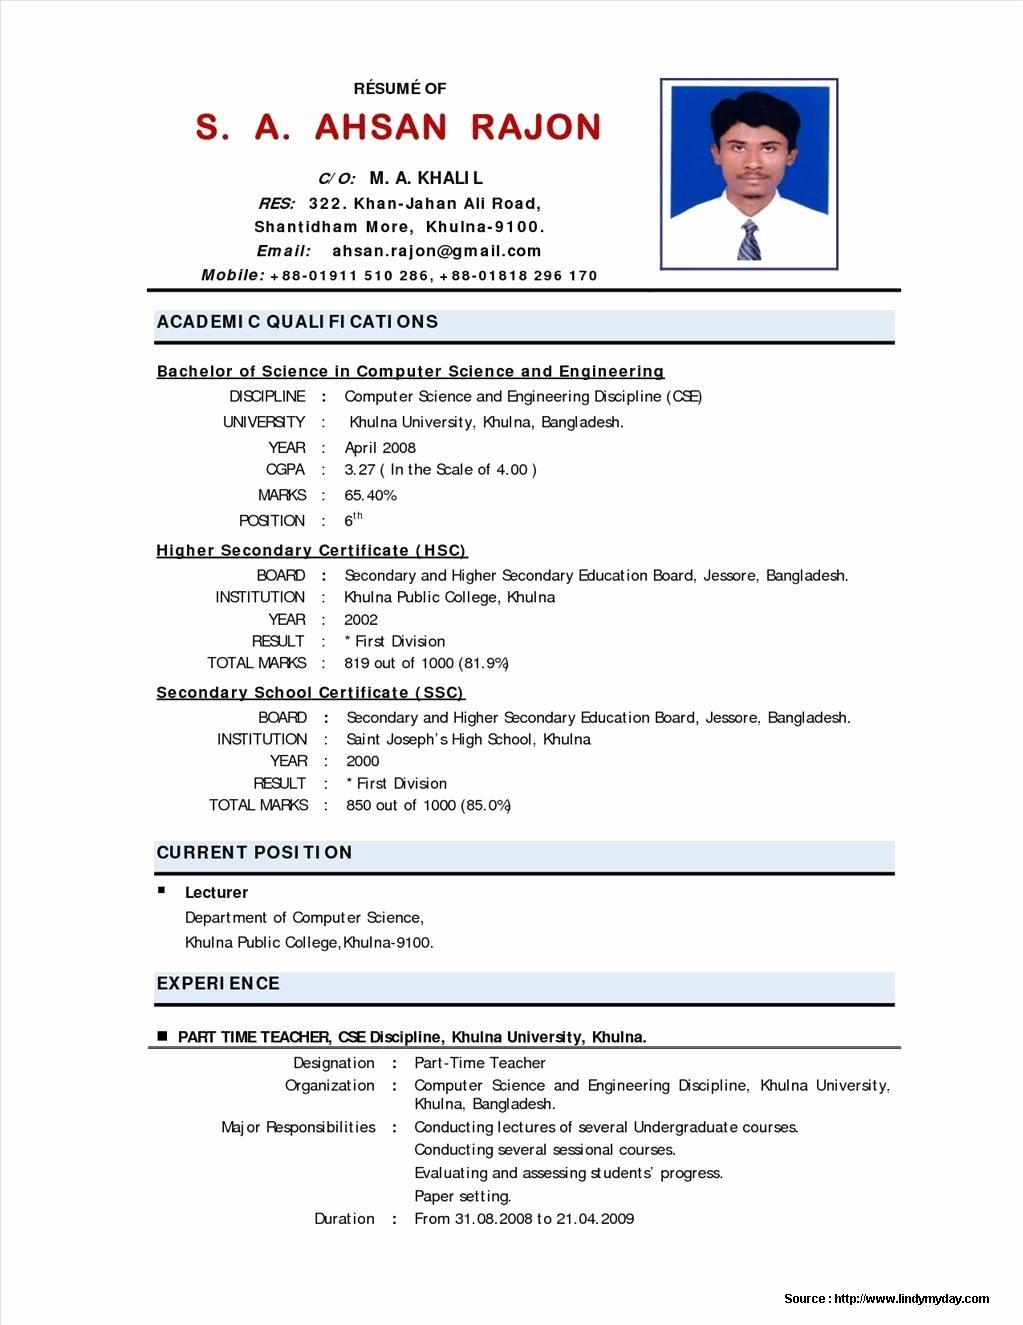 Resume format for Teaching Job Fresher Resume Resume